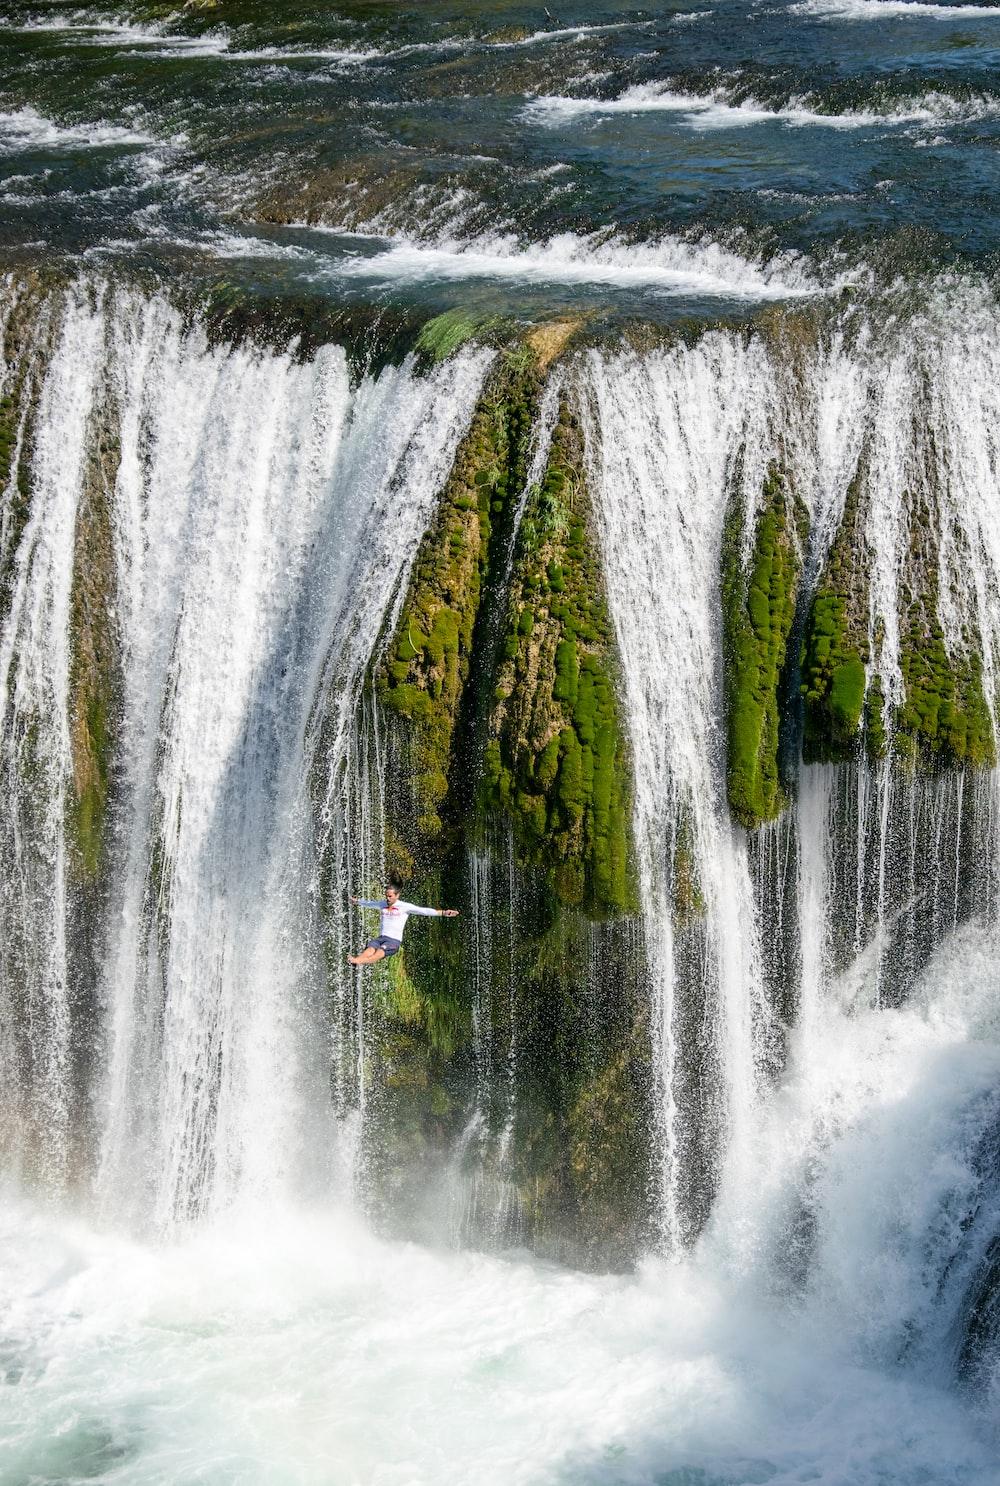 man jumped-off waterfalls